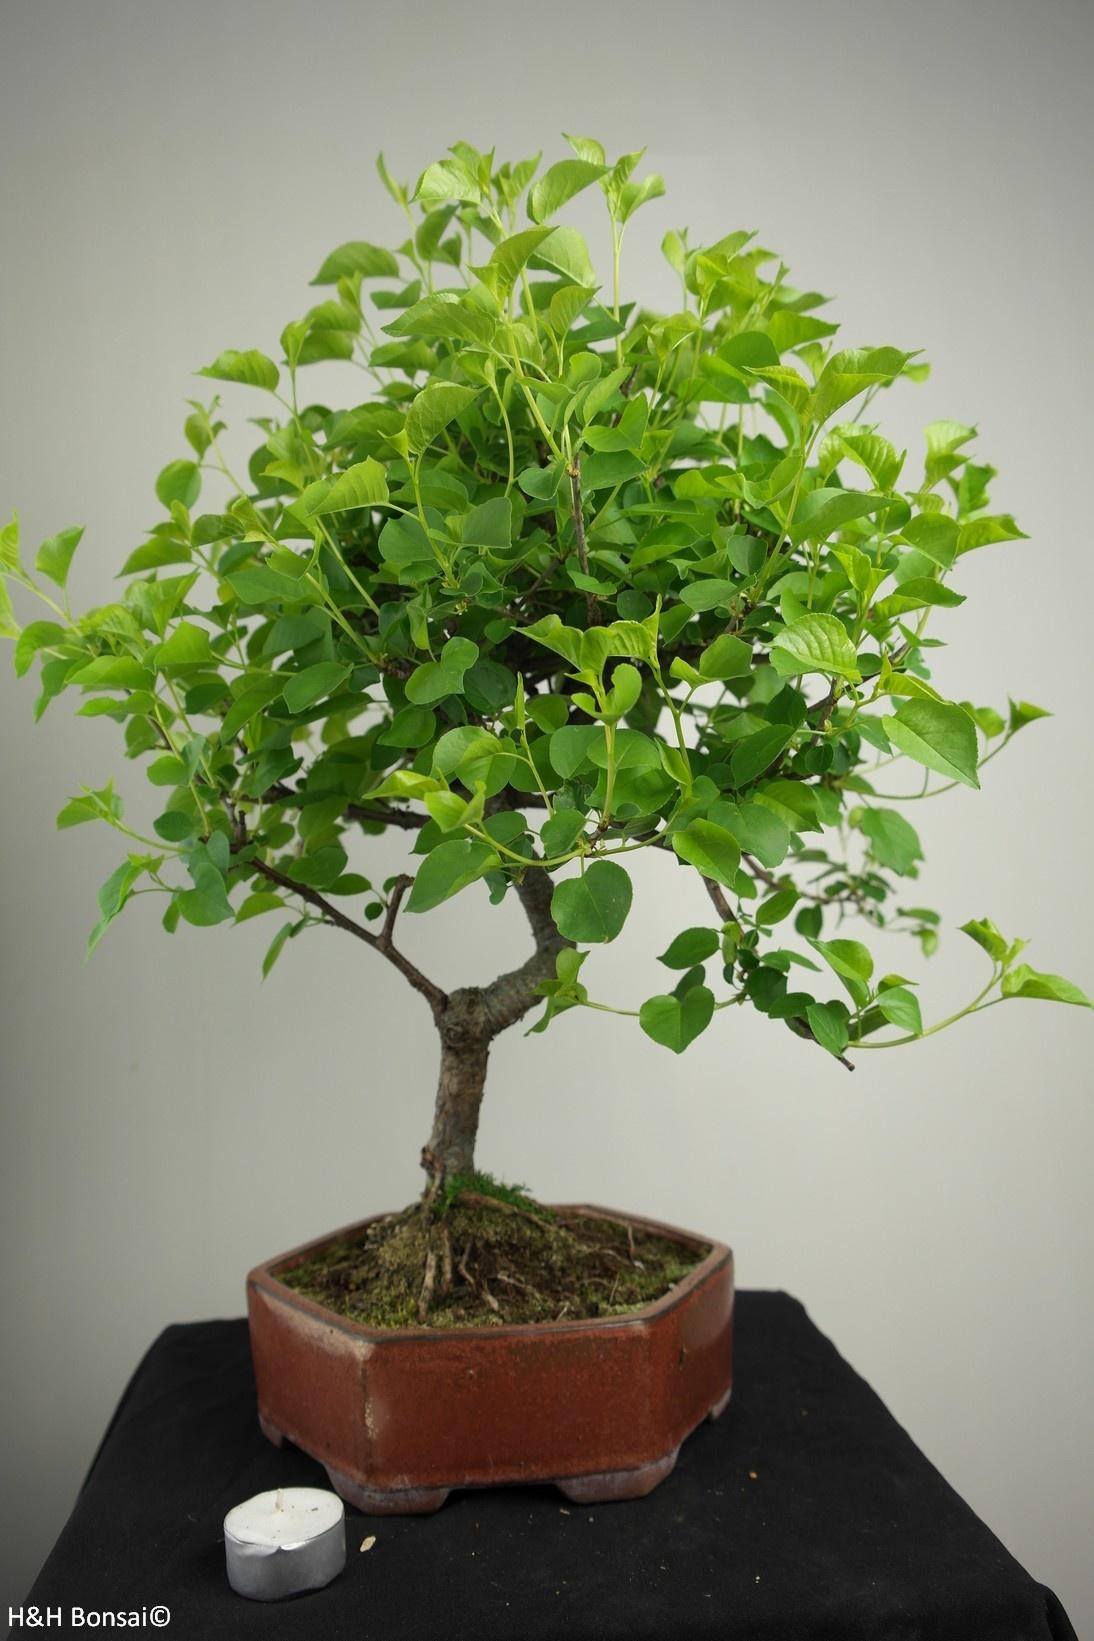 Bonsai Faux merisier, Prunus mahaleb, no. 7668